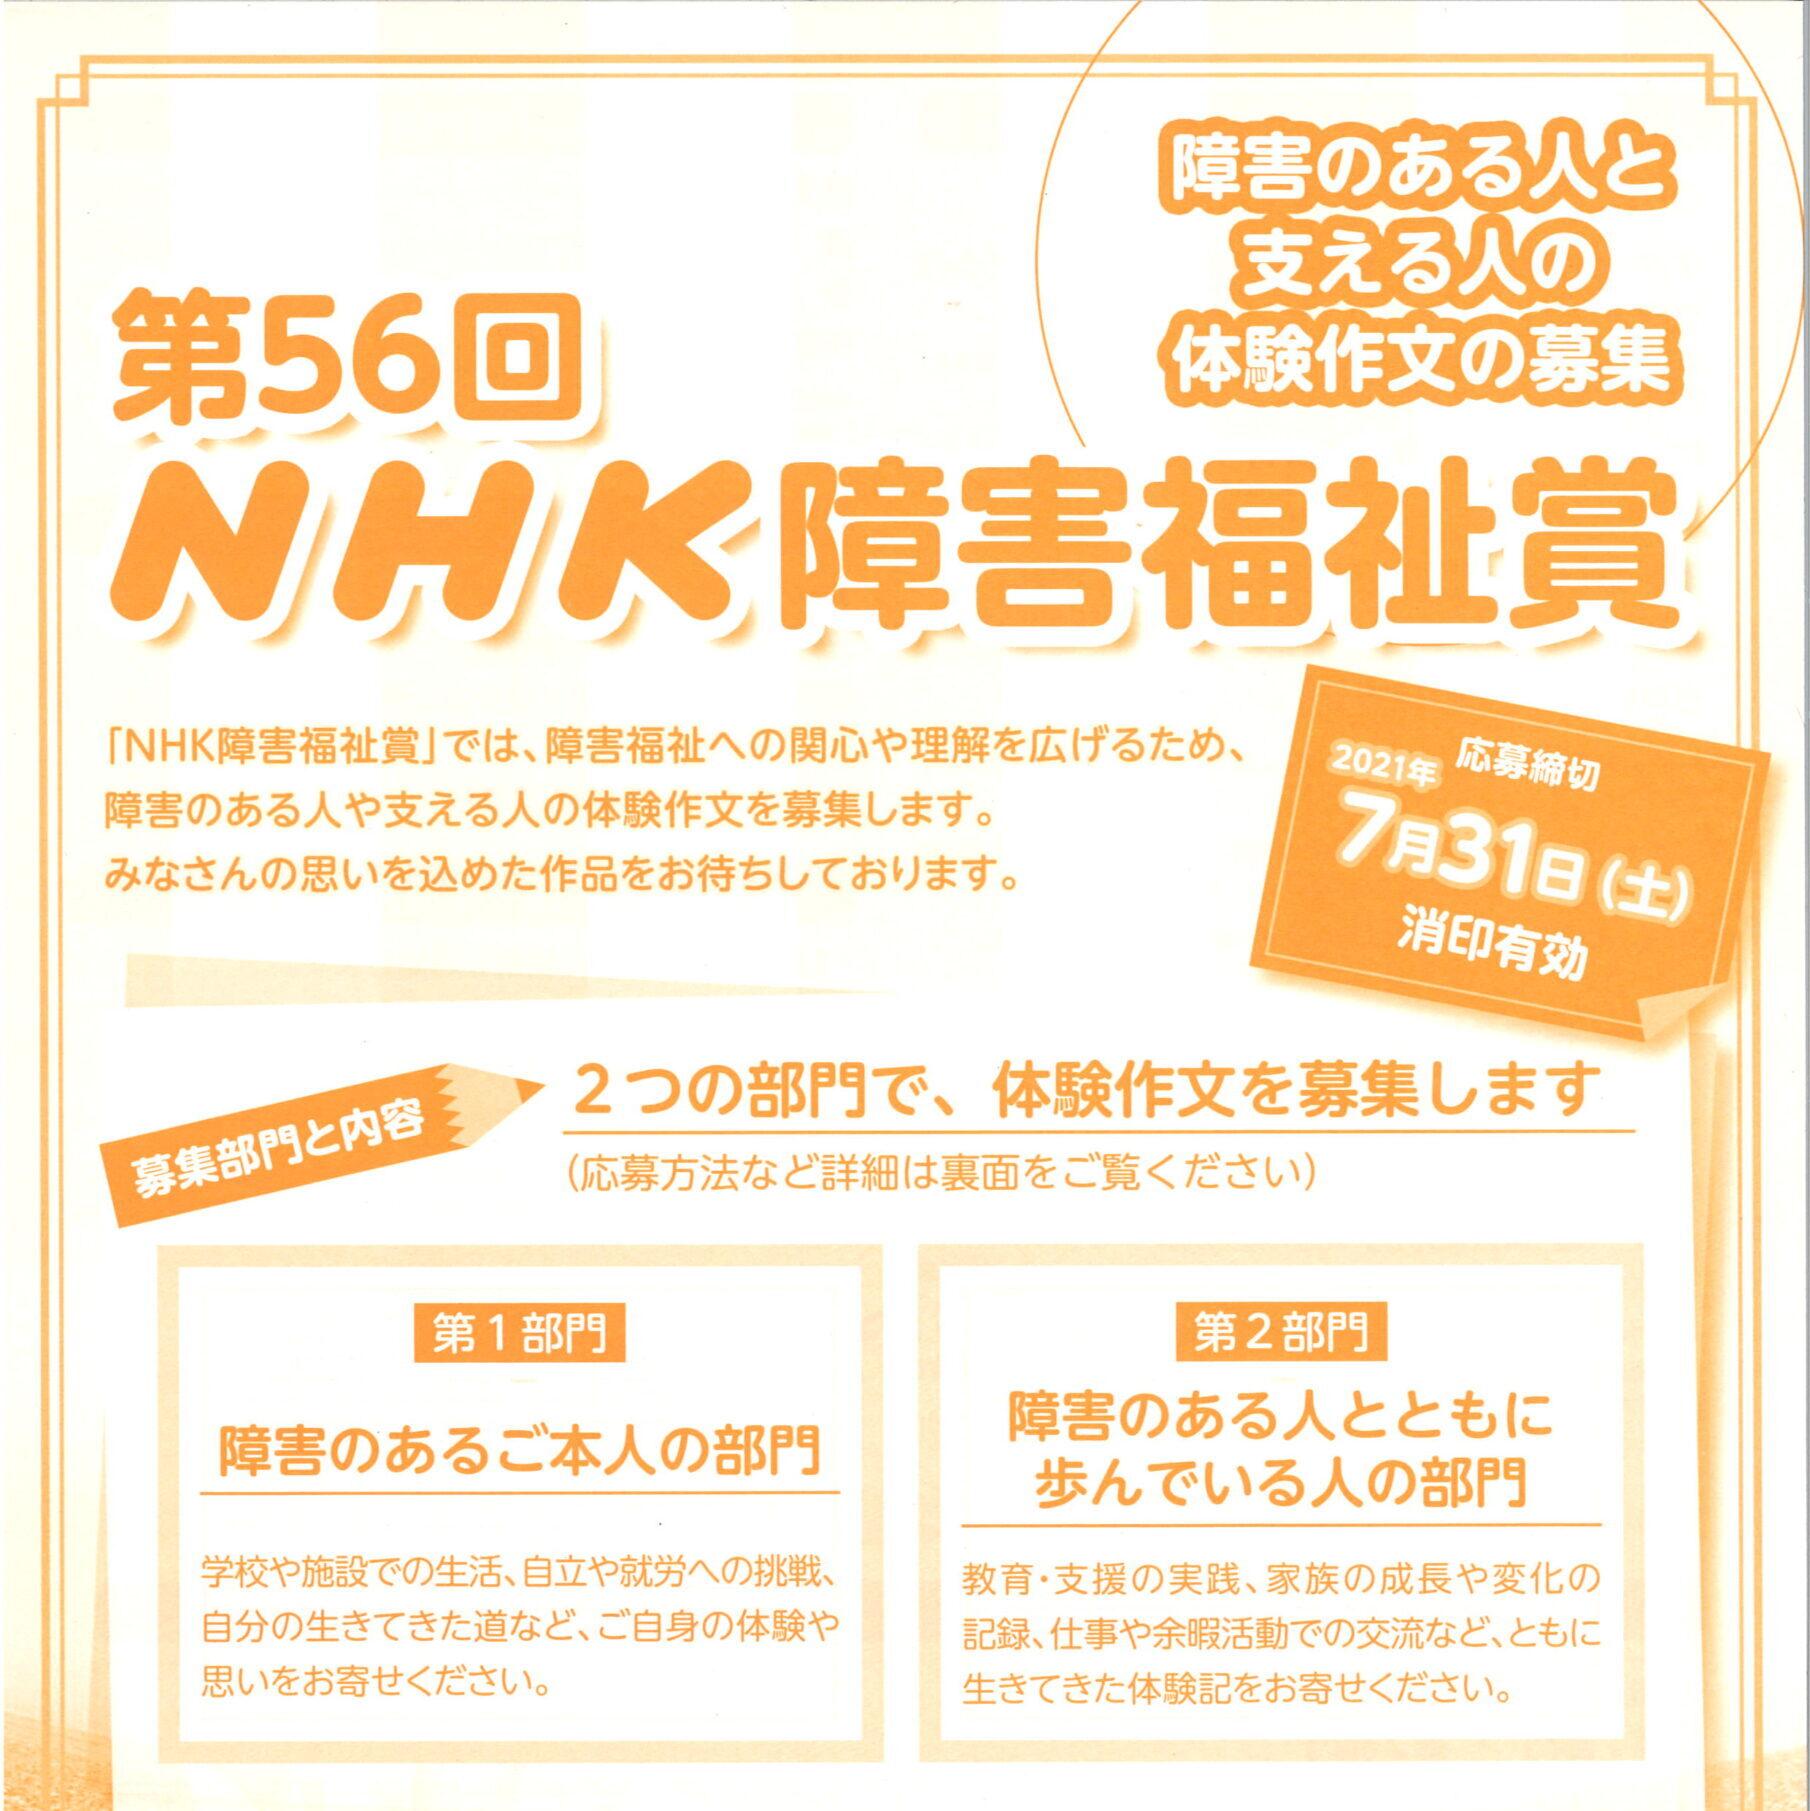 「第56回NHK障害福祉賞」の作品募集について